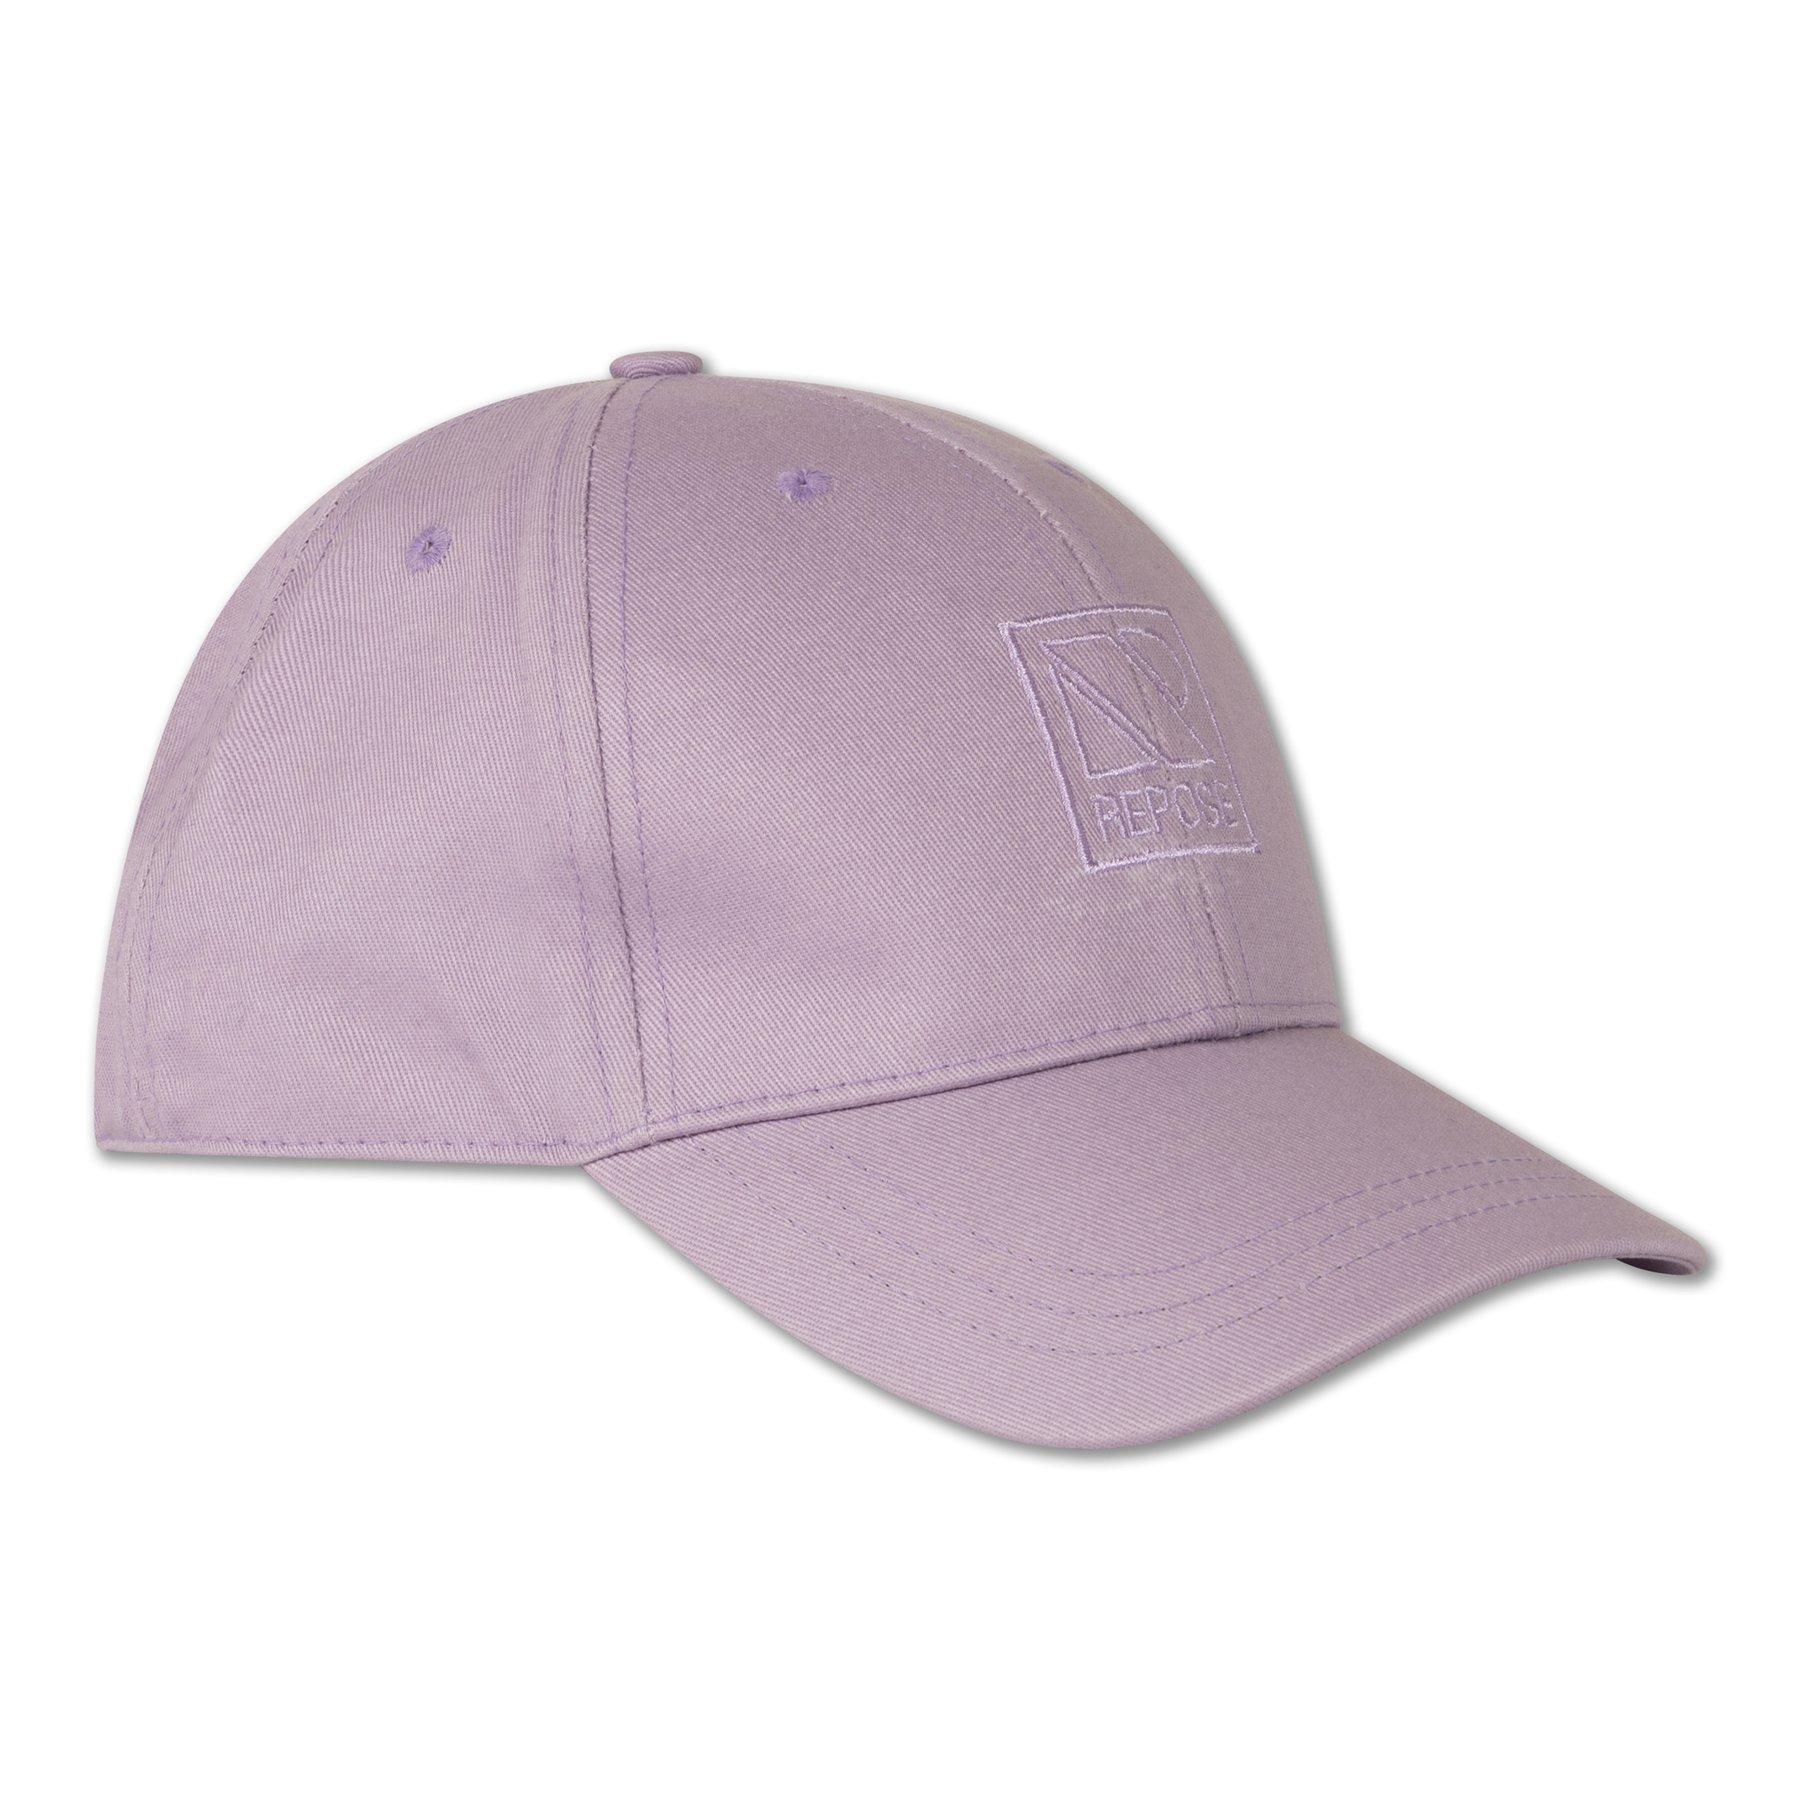 Repose AMS - Cap Greyish Violet